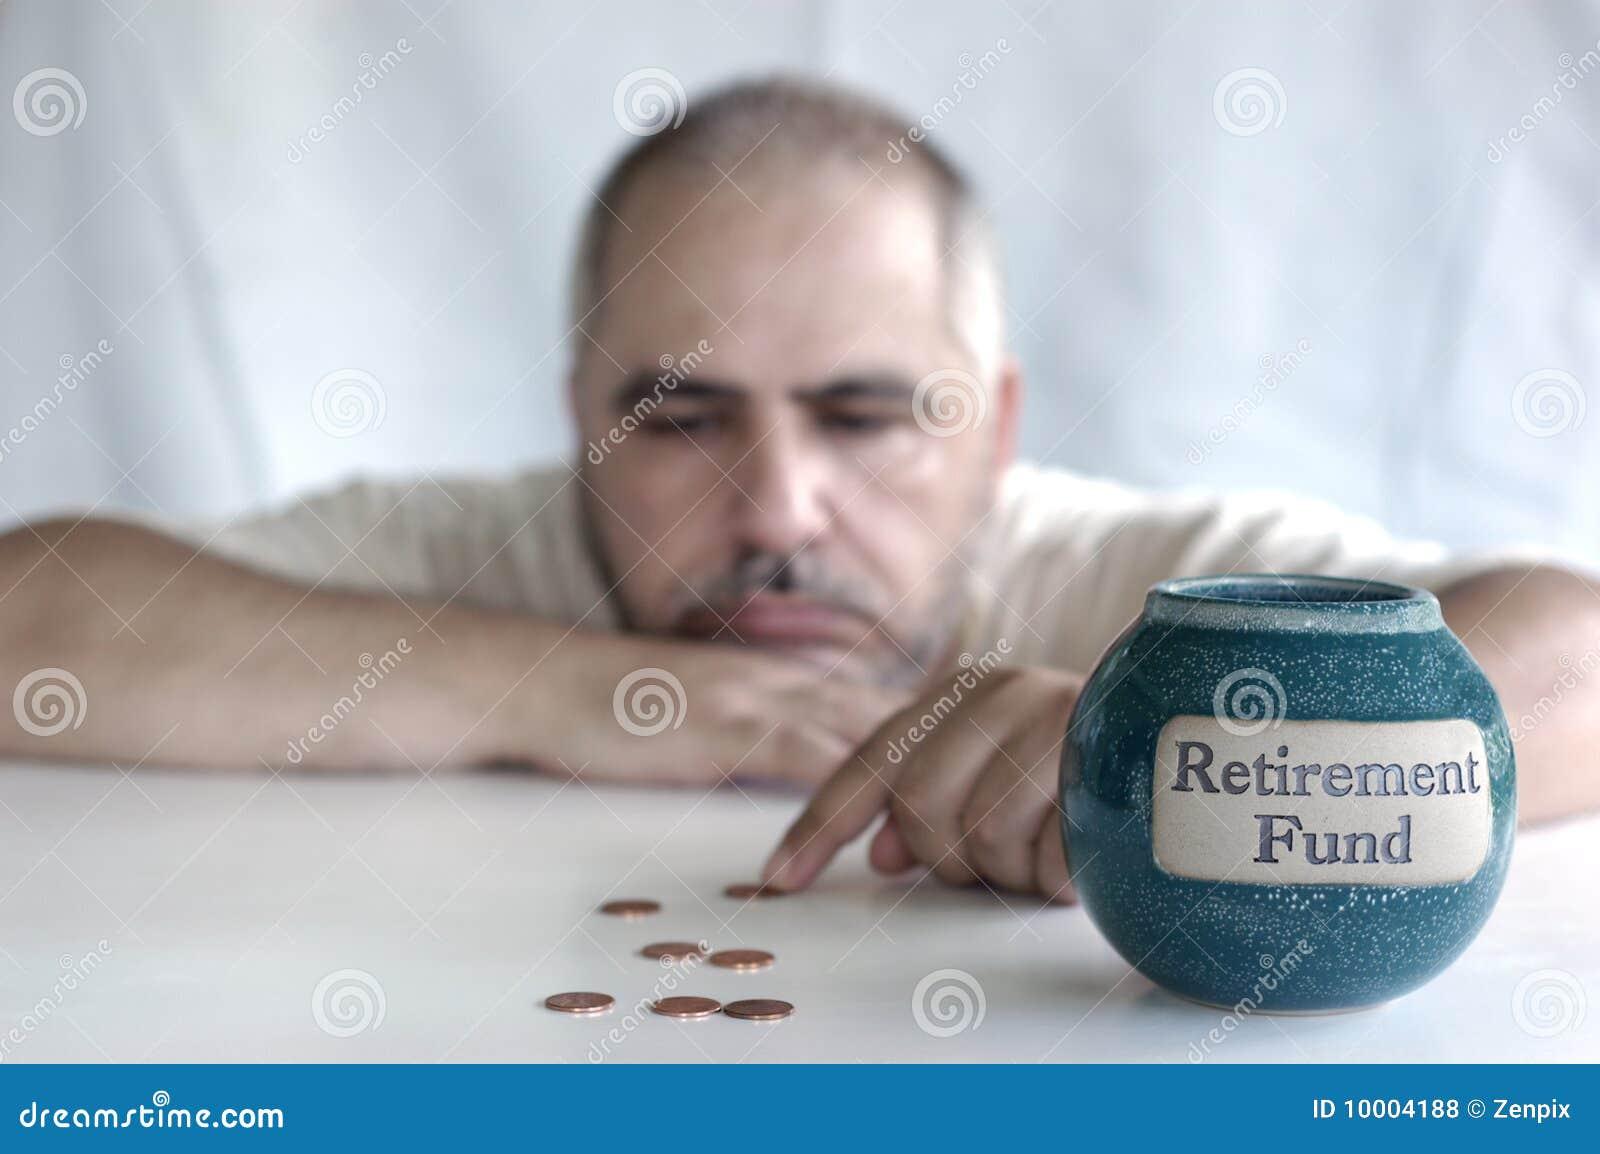 Pensionsfonds Bankrupt